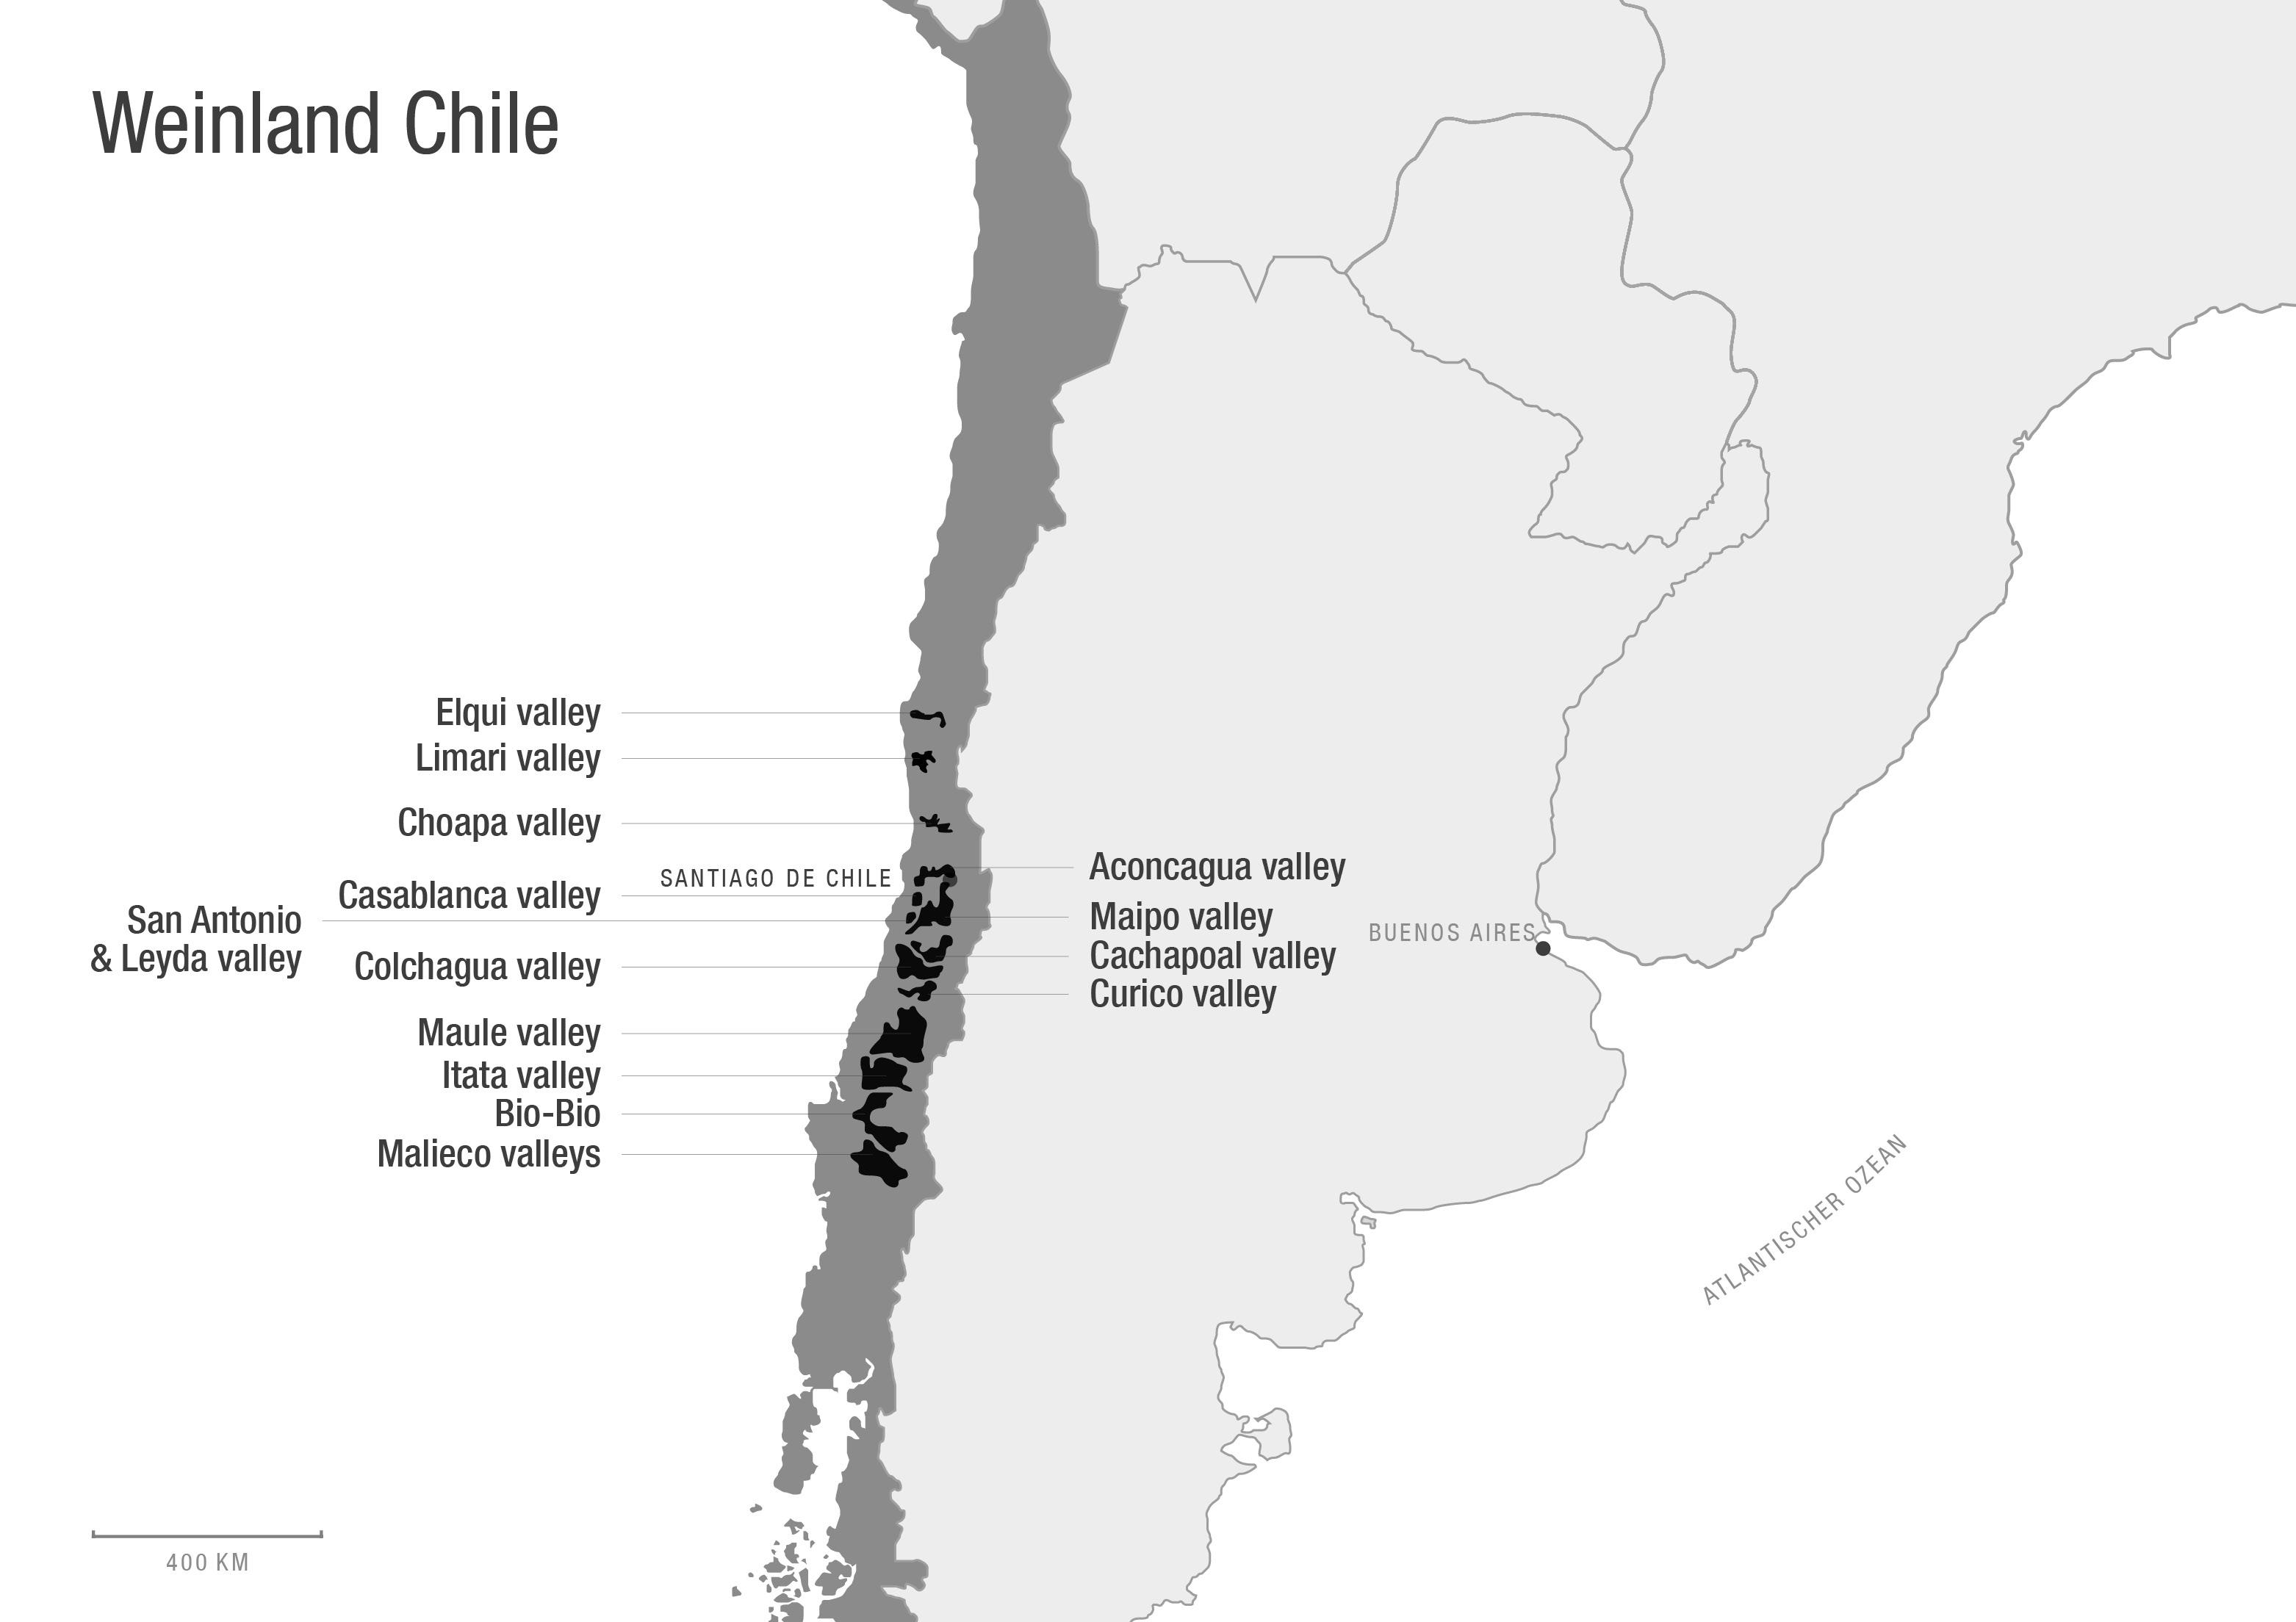 Karte von Chile. Zeigt die Hauptanbaugebiete.